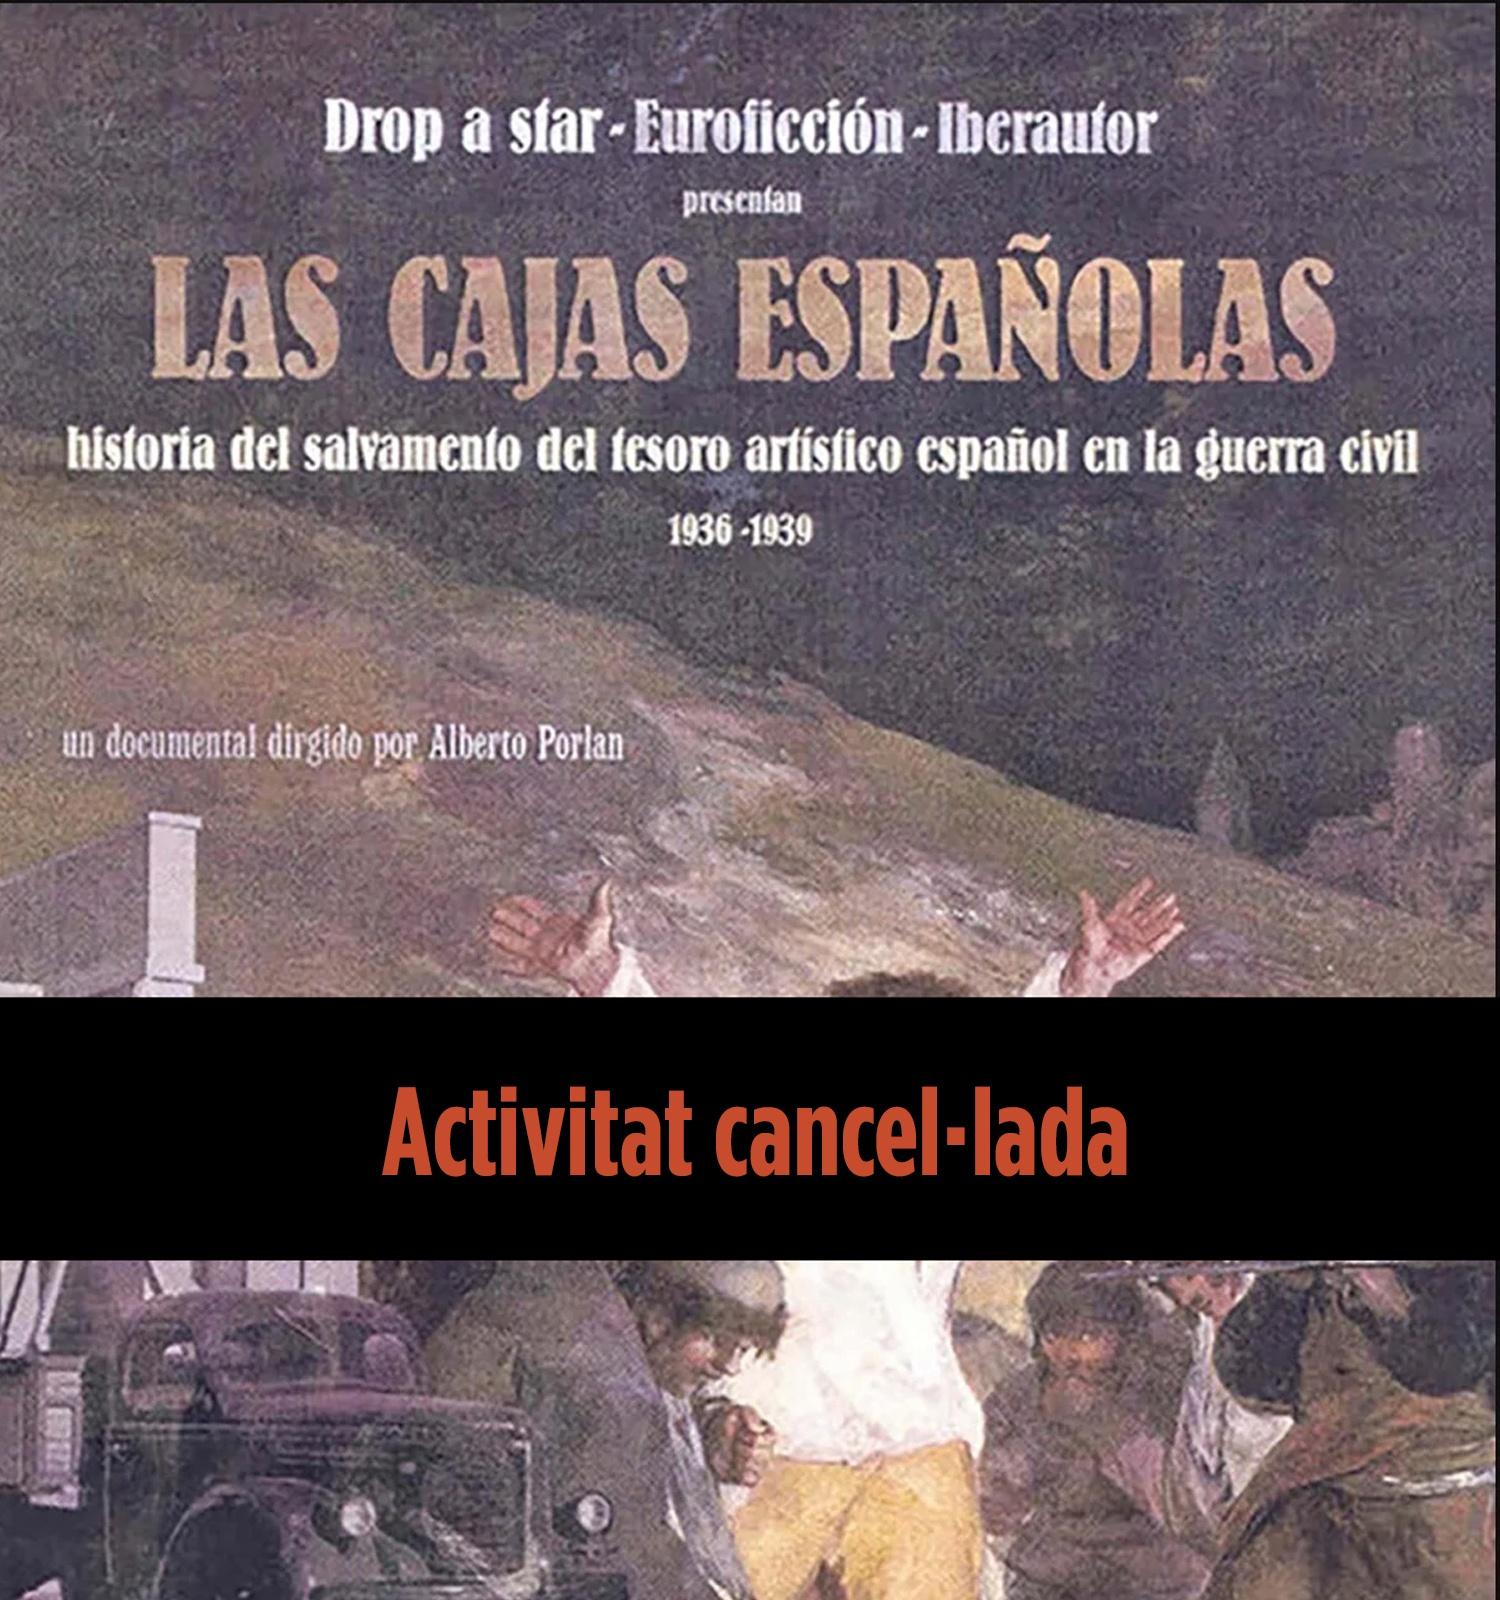 Cartell de la pel·lícula Las cajas españolas